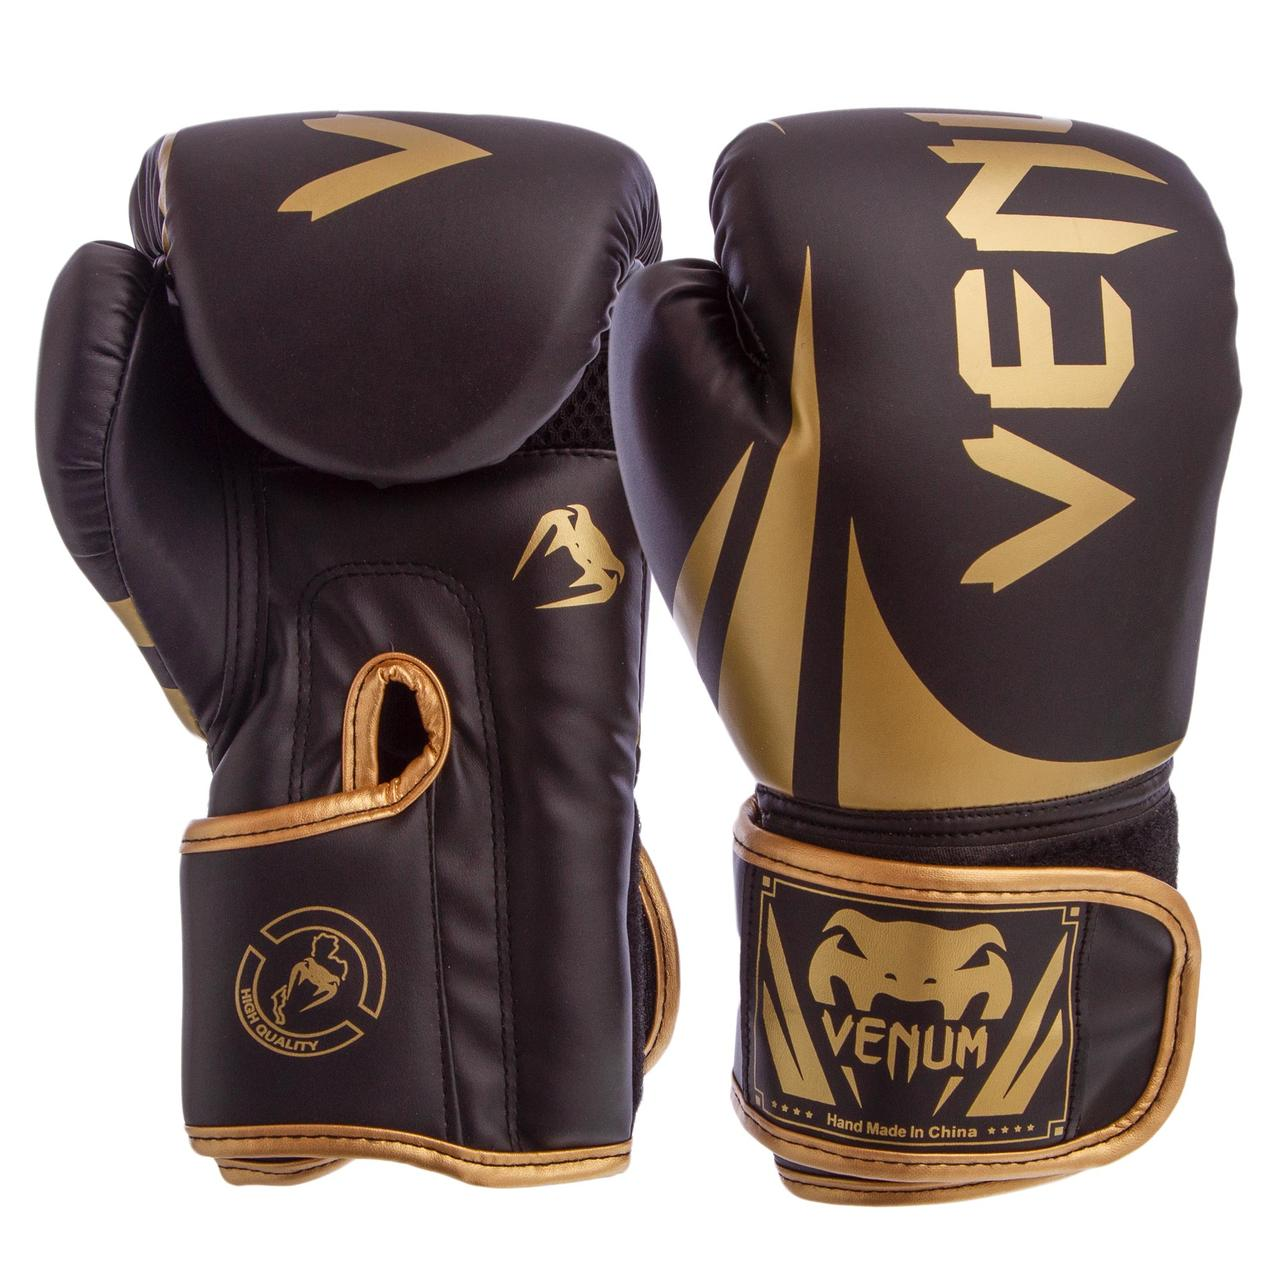 Тренировочные боксерские перчатки Venum PU черные (10oz, 12oz)